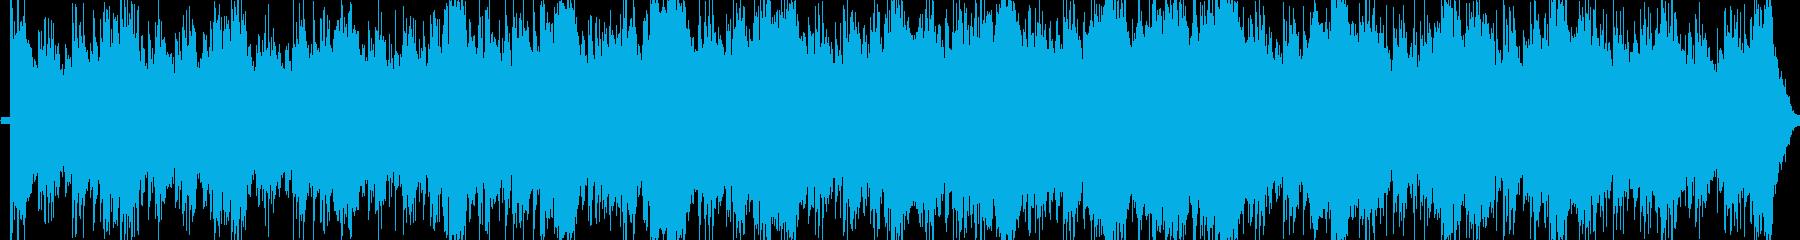 緊迫感あふれるテクノの再生済みの波形